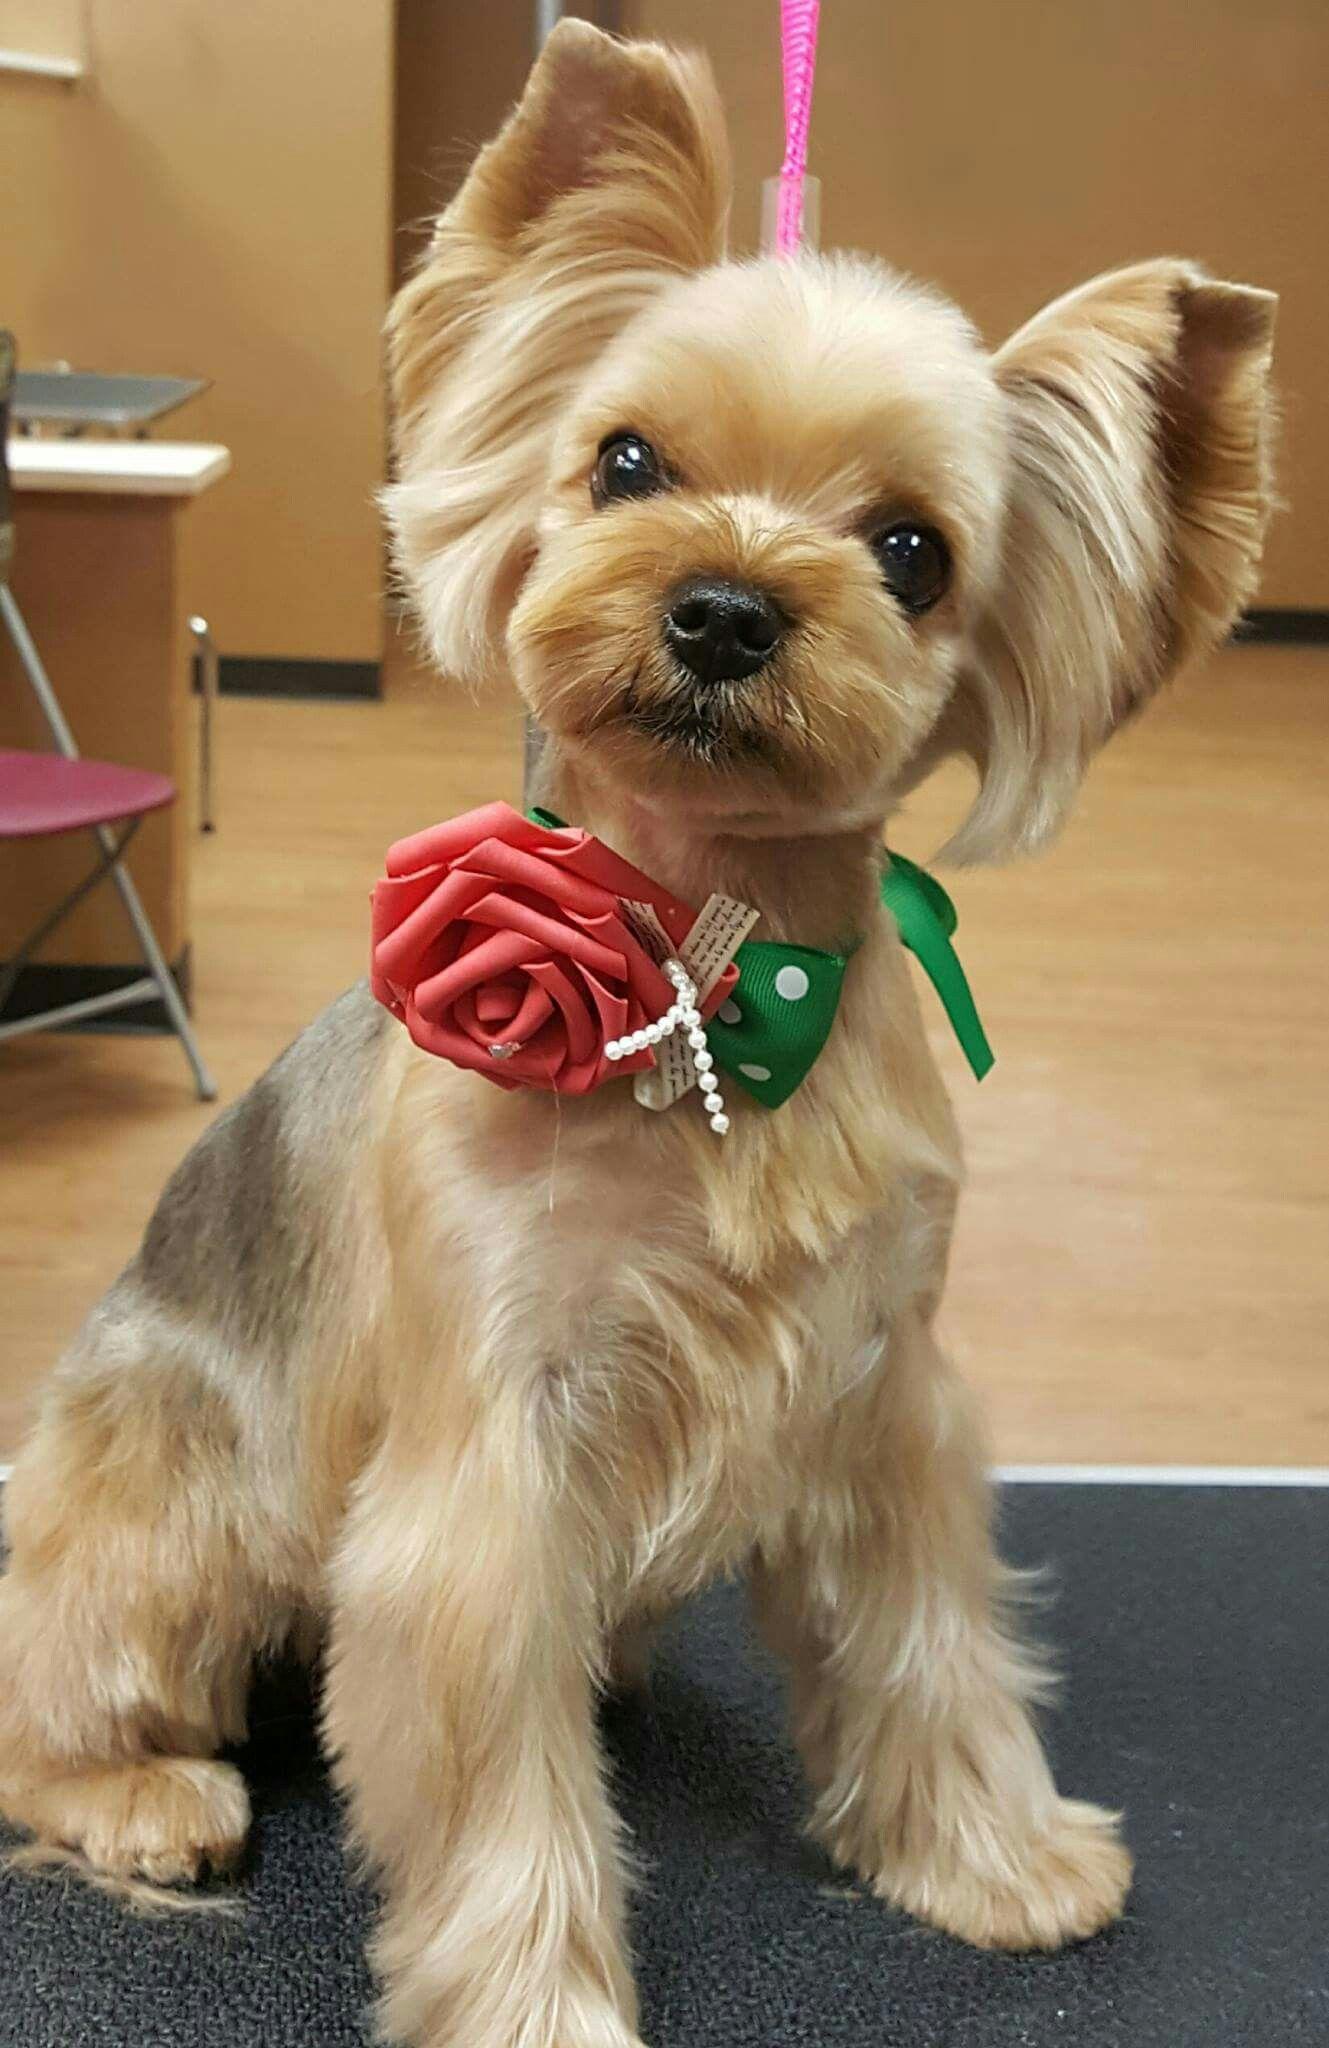 Yorkie Head Variation Yorkie With Cute Ears Dog Grooming Dog Grooming Styles Dog Grooming Diy Dog Grooming